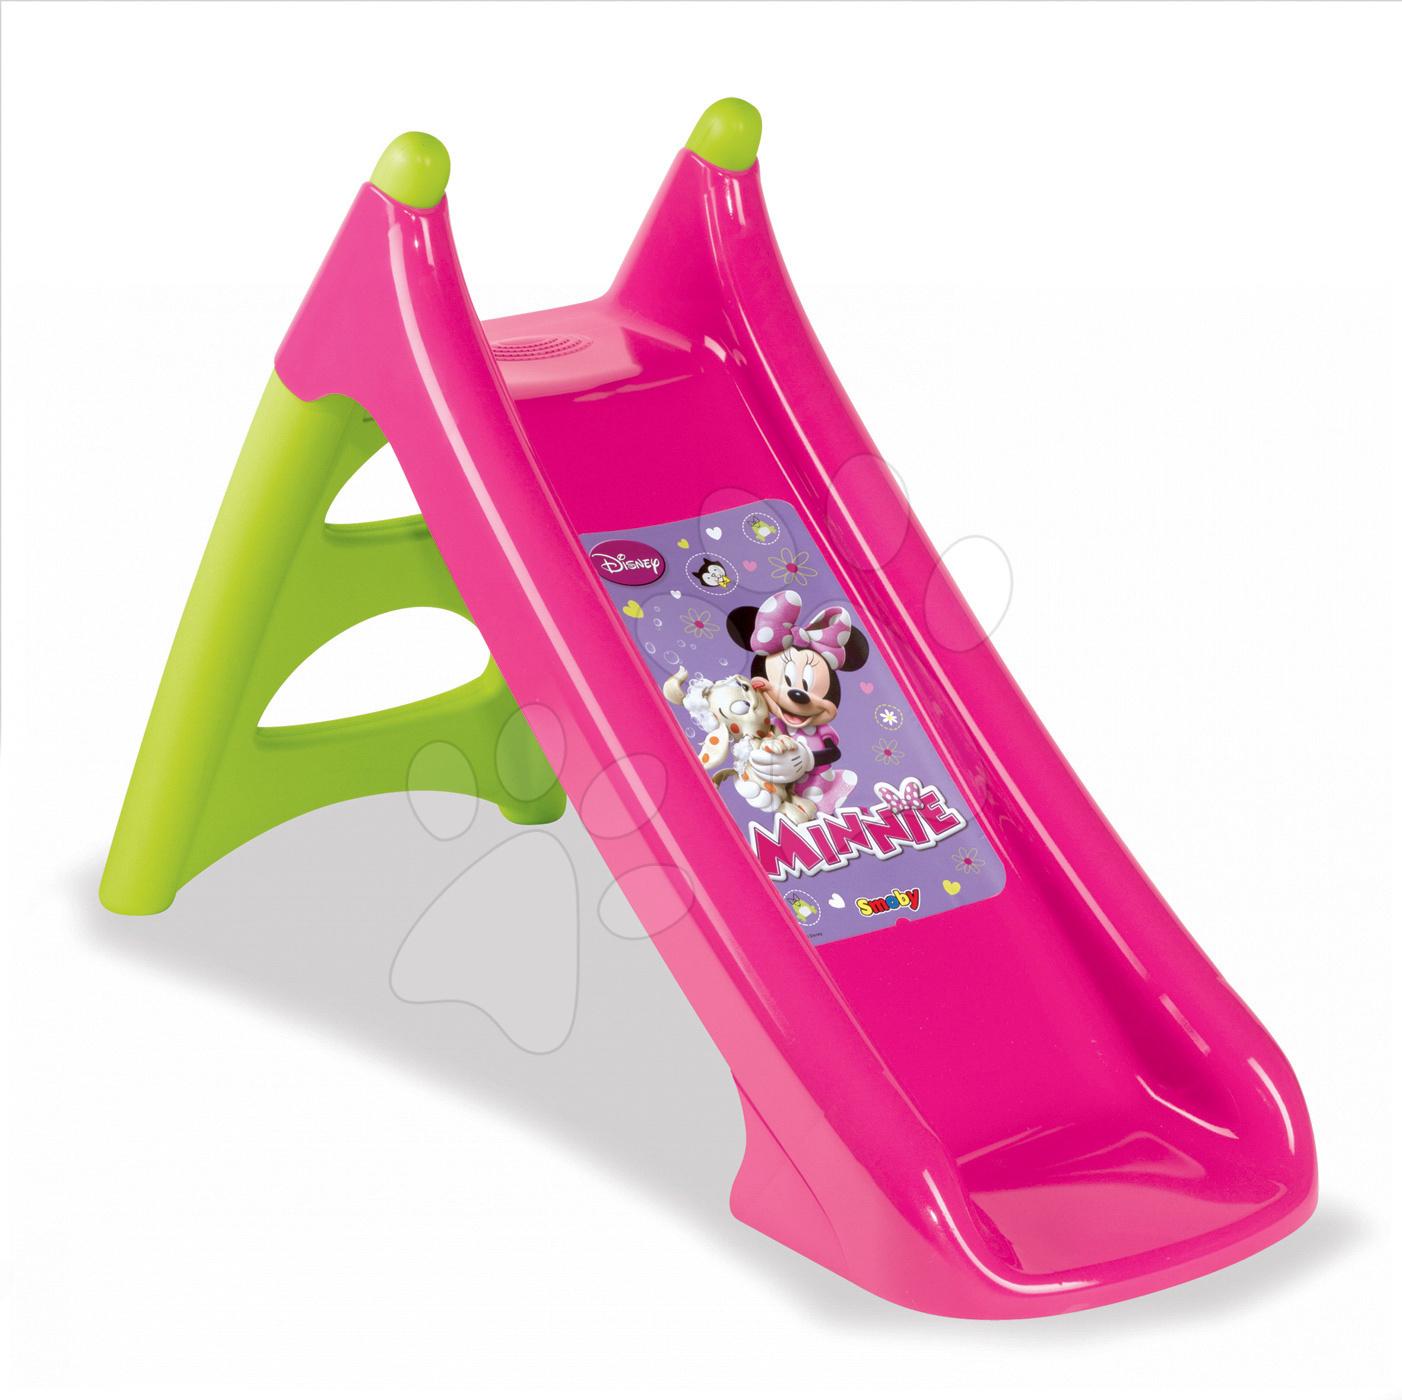 Šmykľavky pre deti  - Šmykľavka Minnie Mouse Smoby Toboggan XS s vodou dĺžka 90 cm od 24 mes